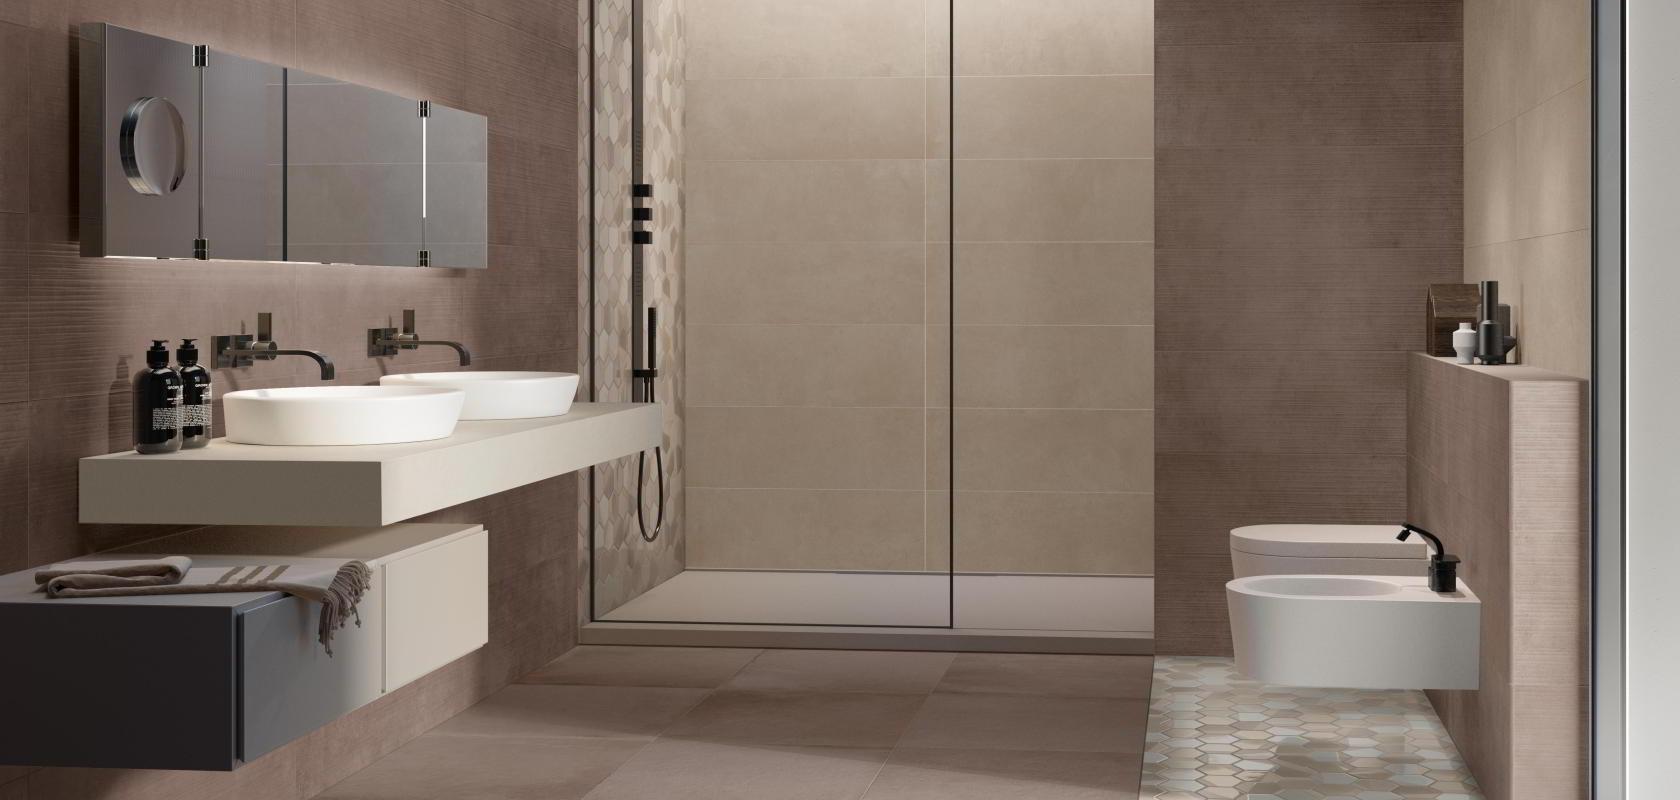 Scegli rivestimenti supergres da cirelli arredo bagno - Cirelli arredo bagno ...